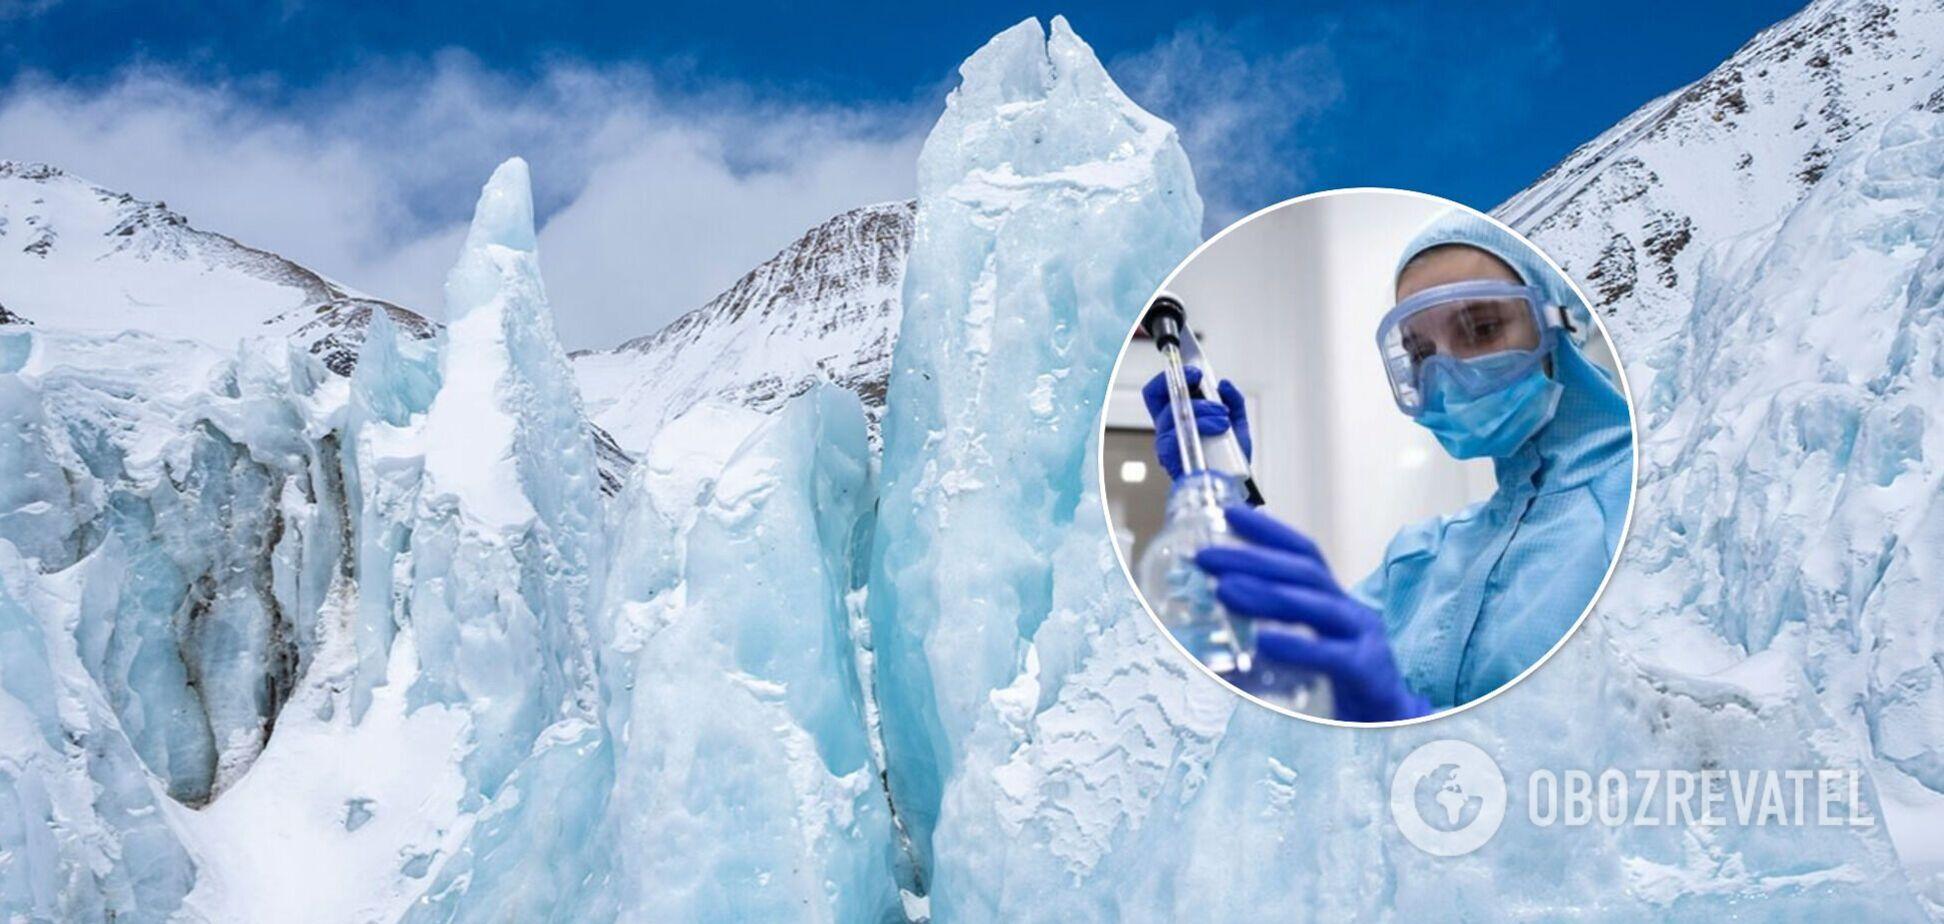 Ученые нашли в тибетском леднике неизвестные науке вирусы: они способны выжить в экстремальных условиях